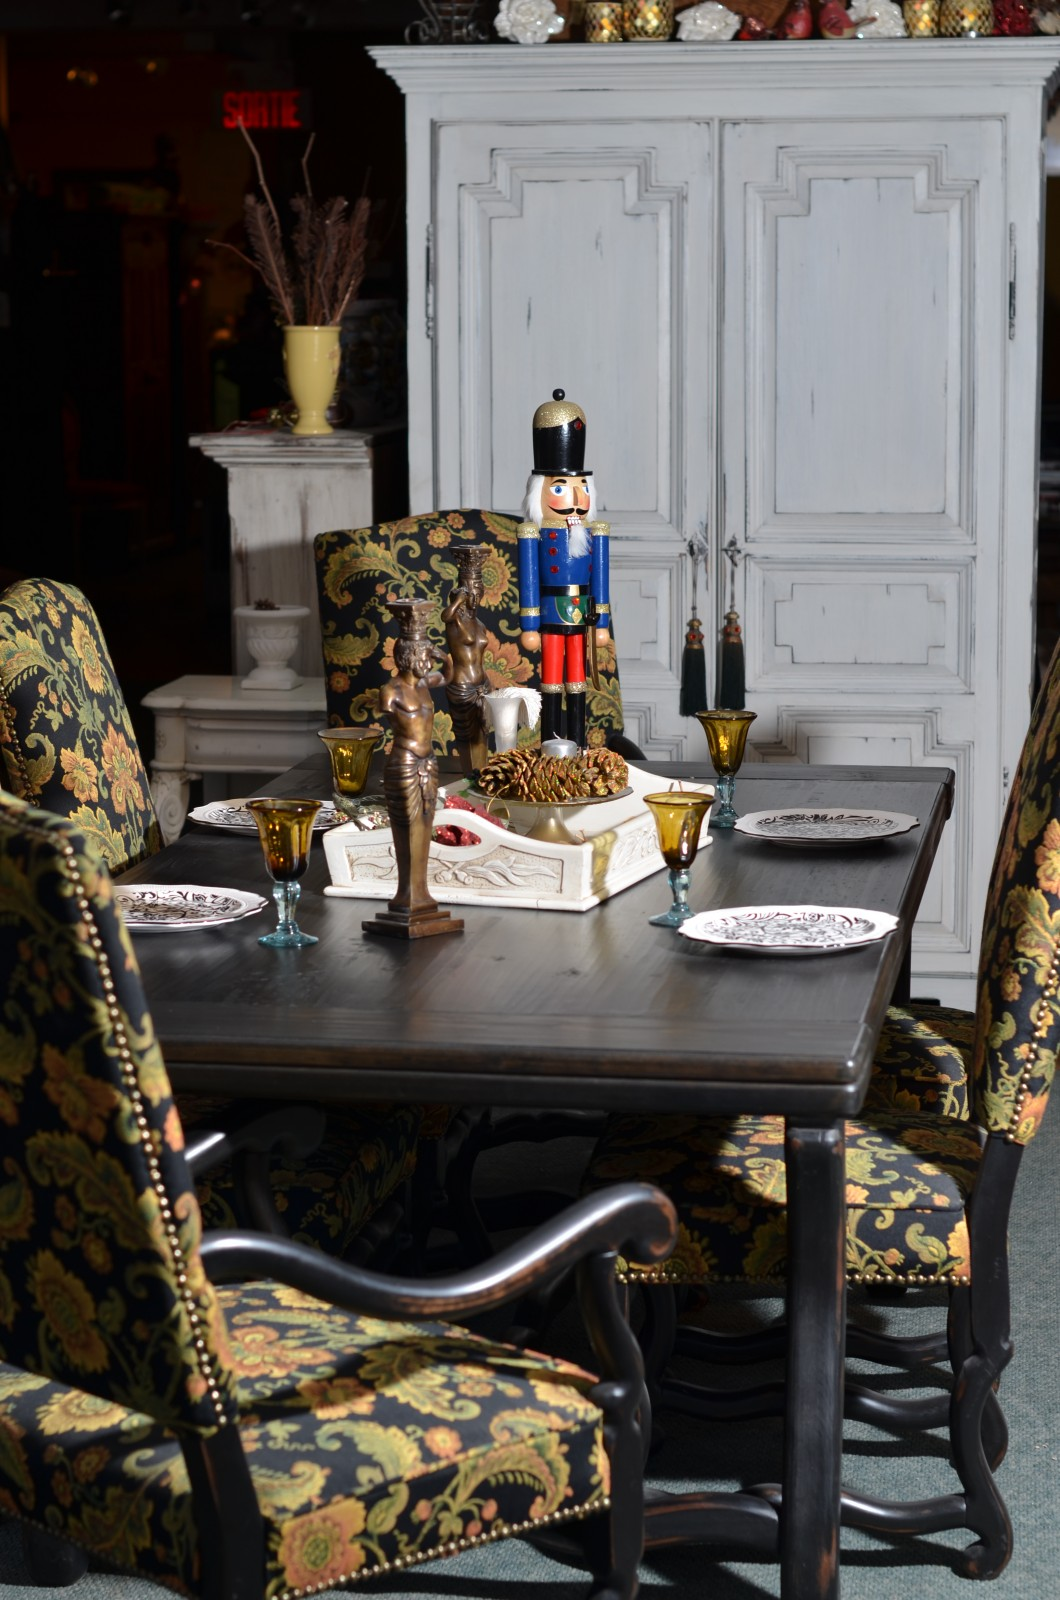 Reproduction Meuble Armoire Style Louisxvi Table Pin Rustique Os De Mouton Chaises Erable Rembourrees Patriotes Laval Montreal Jpg Meubles Des Patriotes